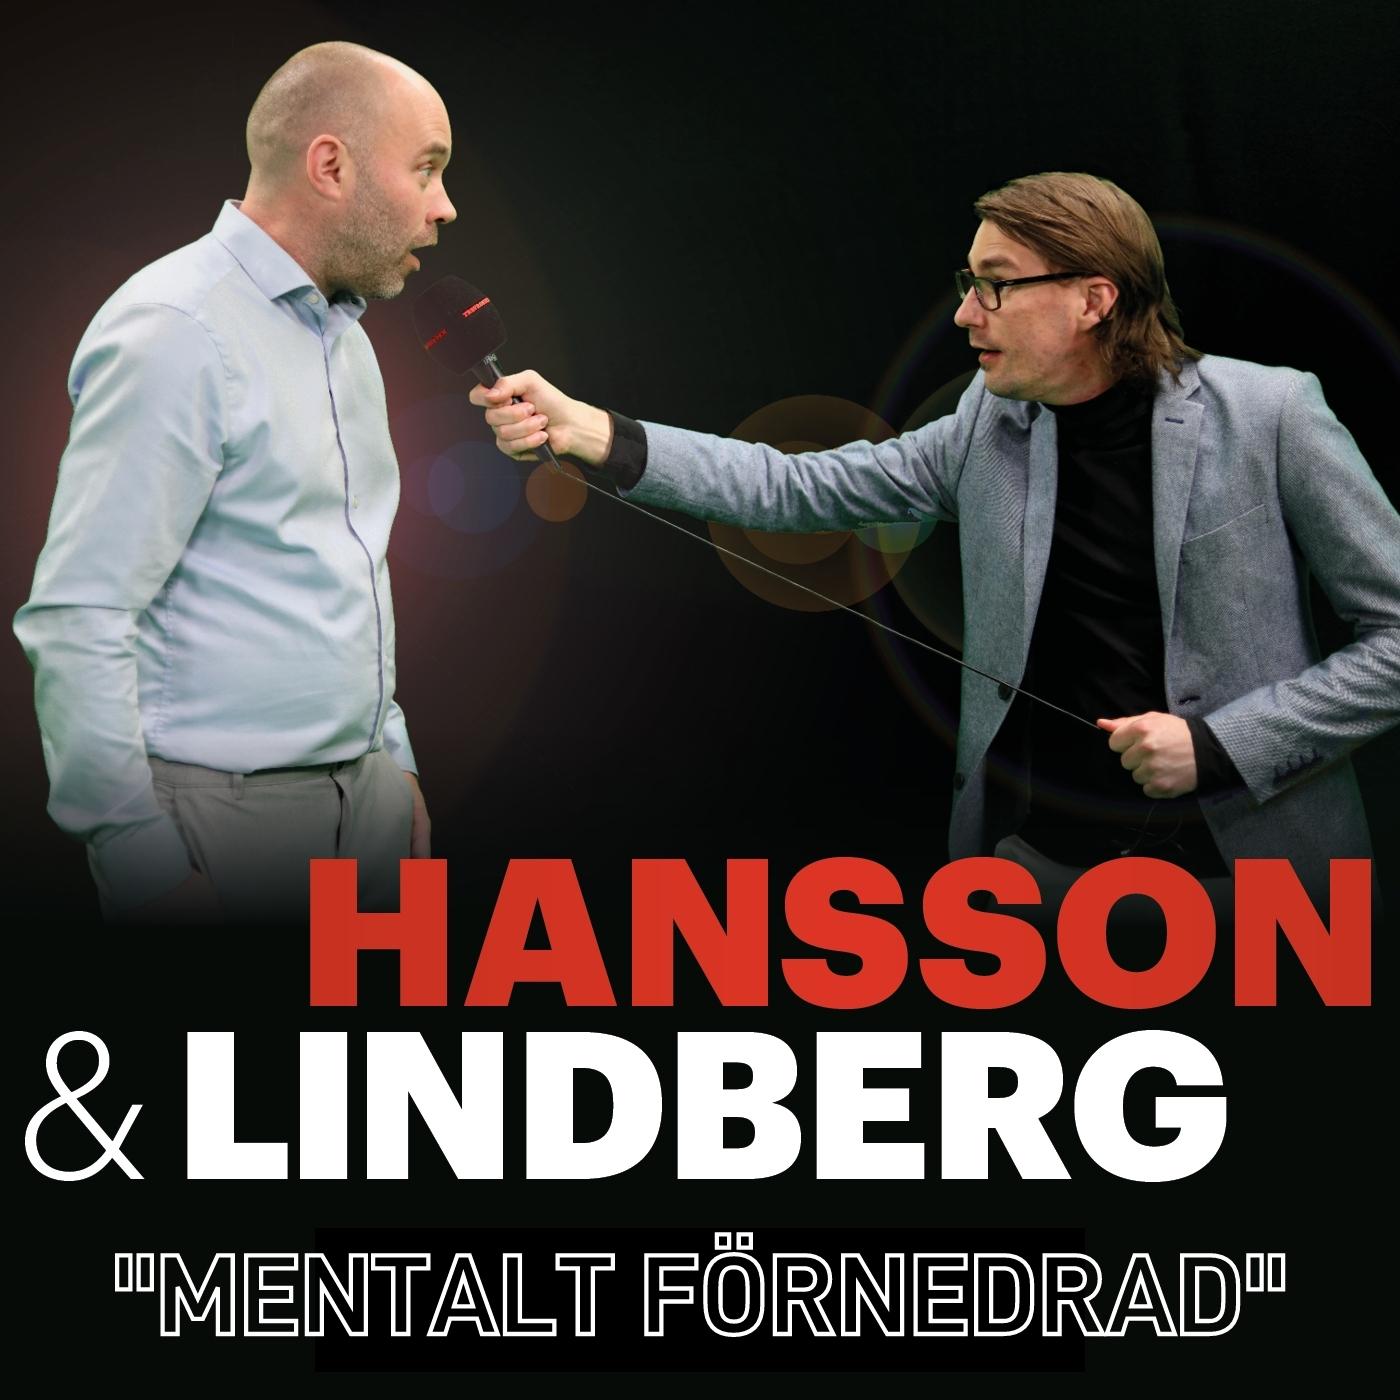 """16. Hansson & Lindberg - """"Mentalt förnedrad"""""""